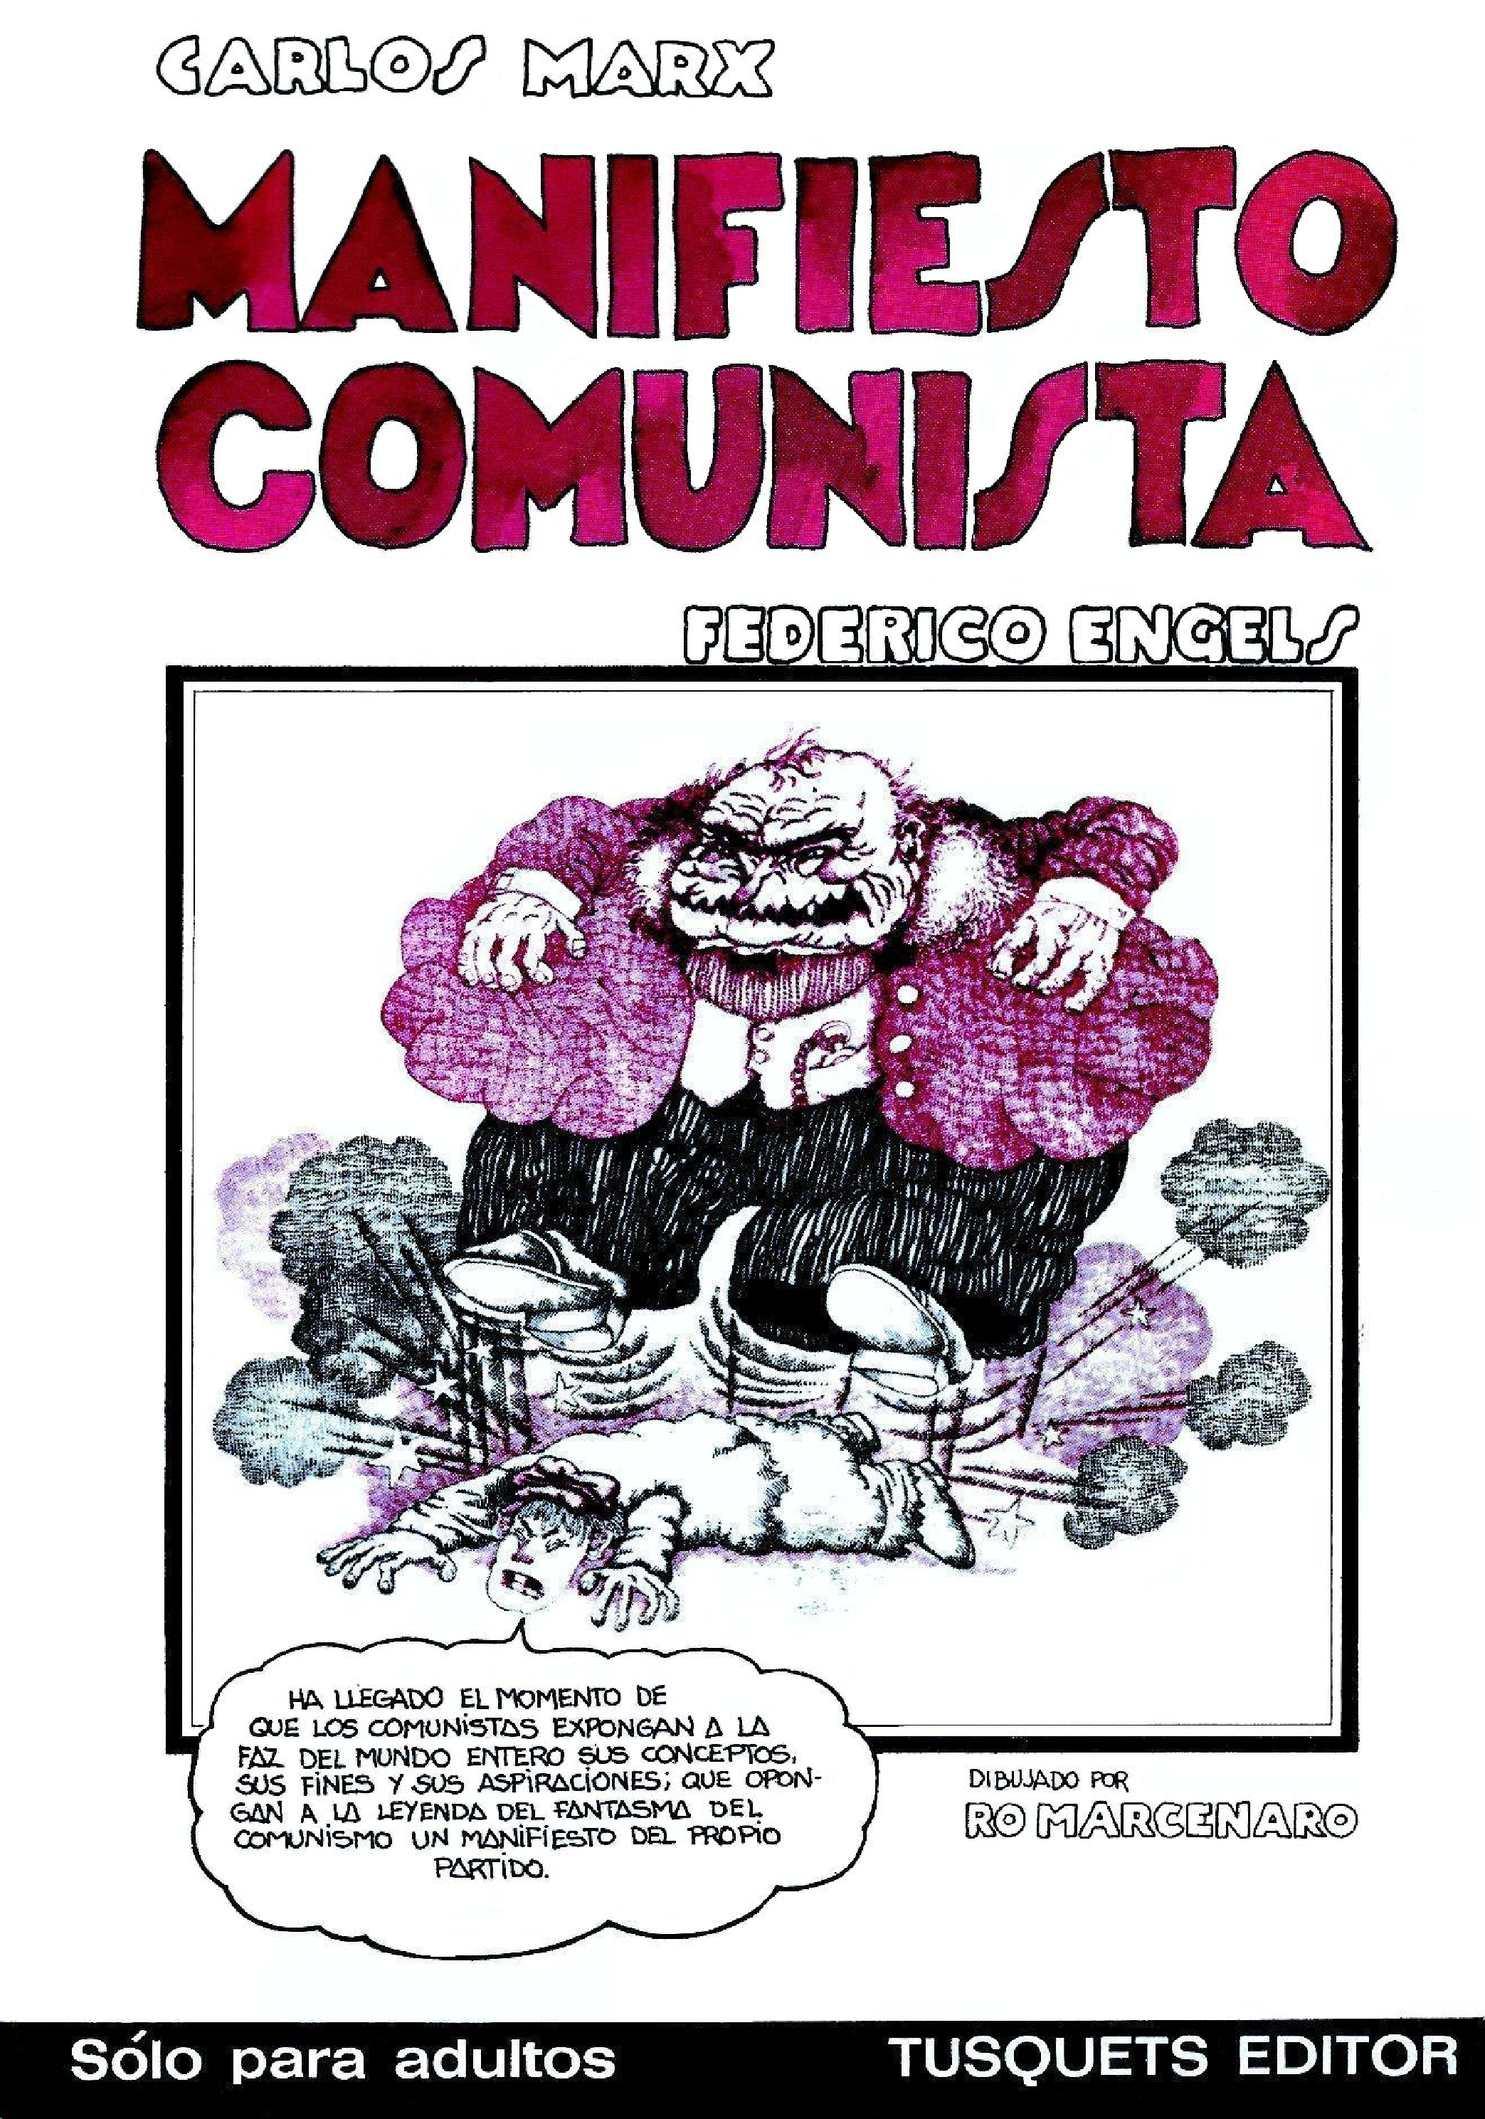 Manifiesto Comunista Mark y Engles comic